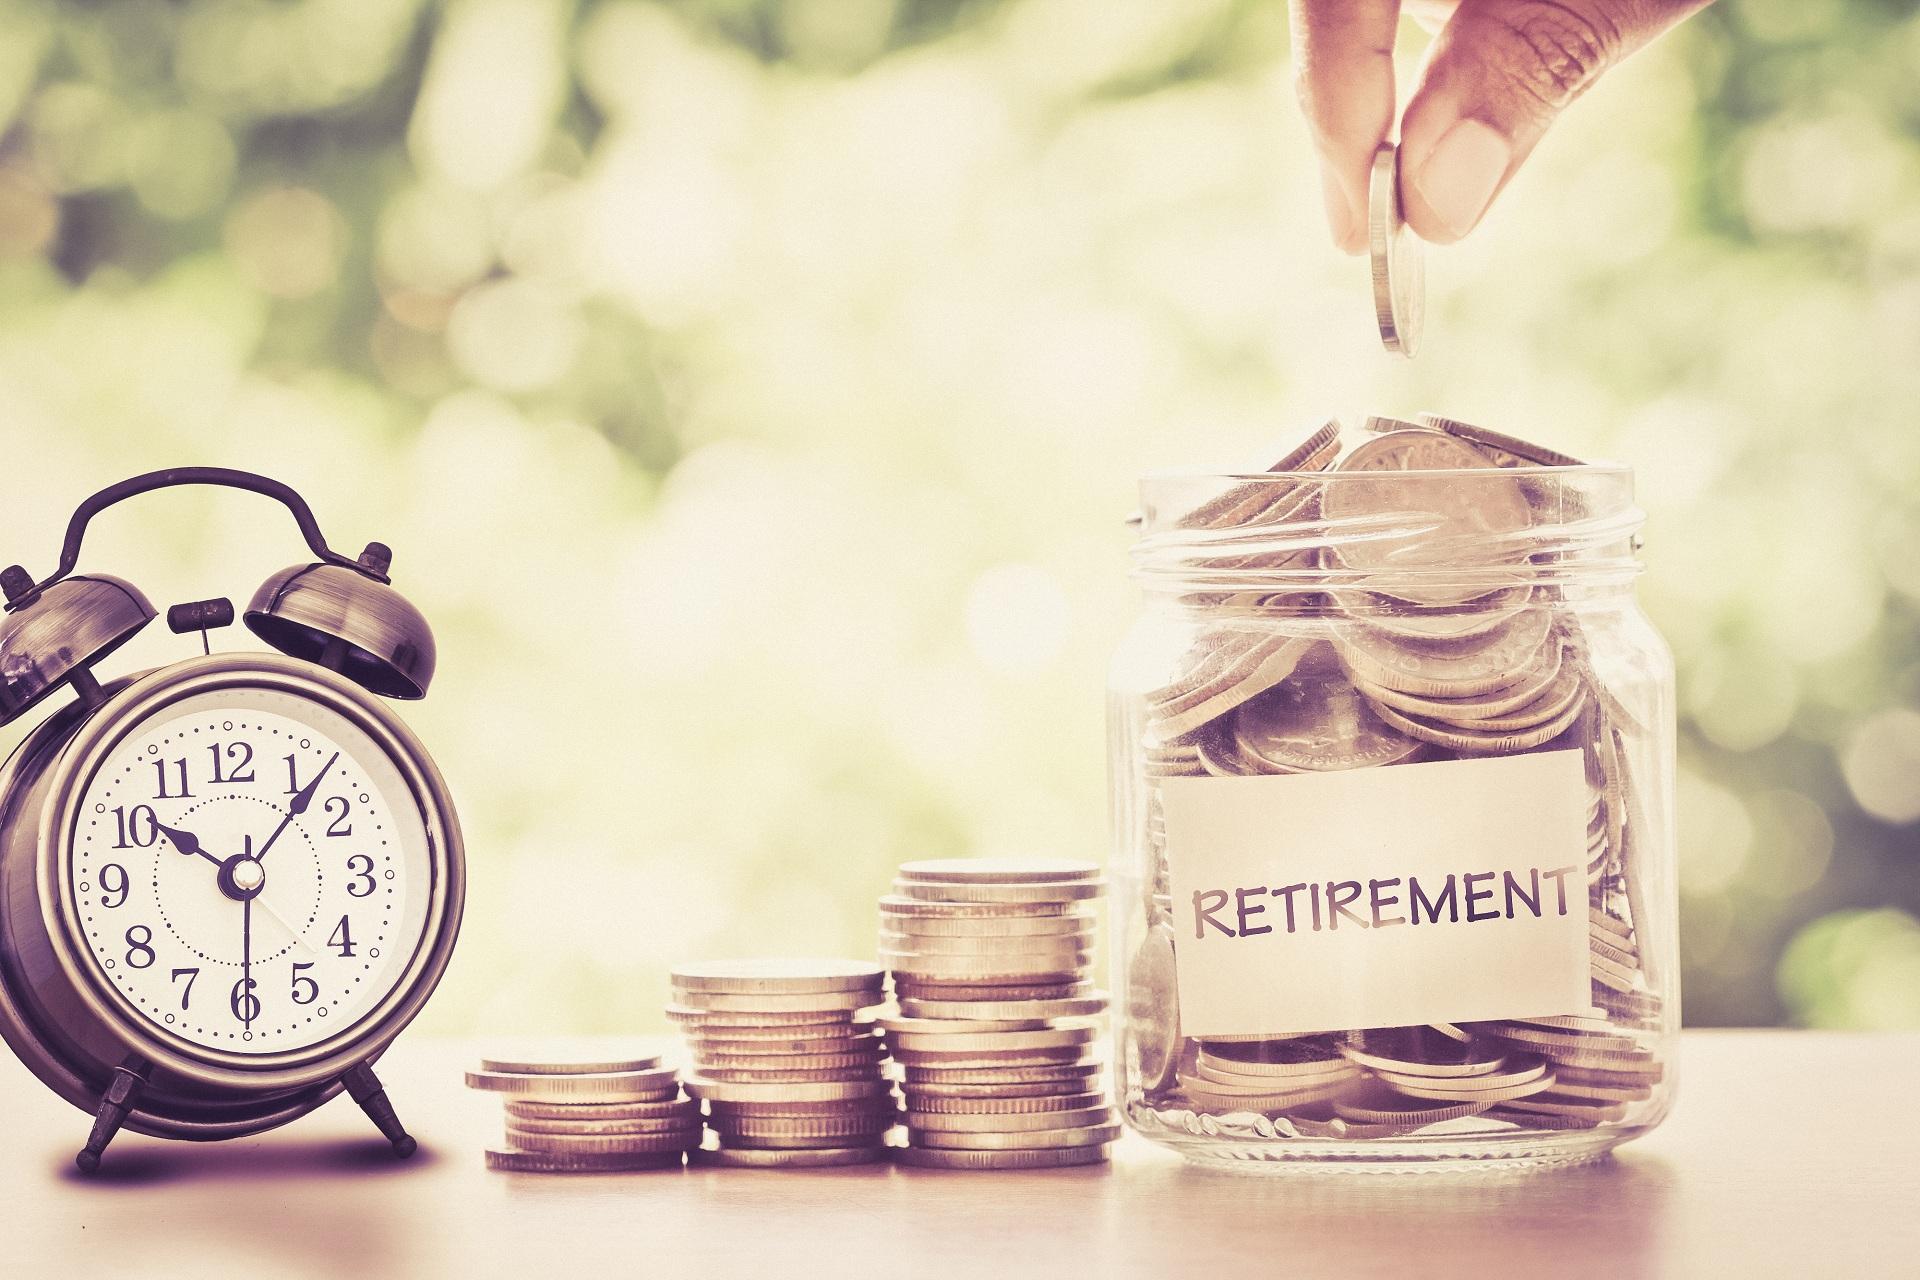 برنامه مالی برای دوران بازنشستگی